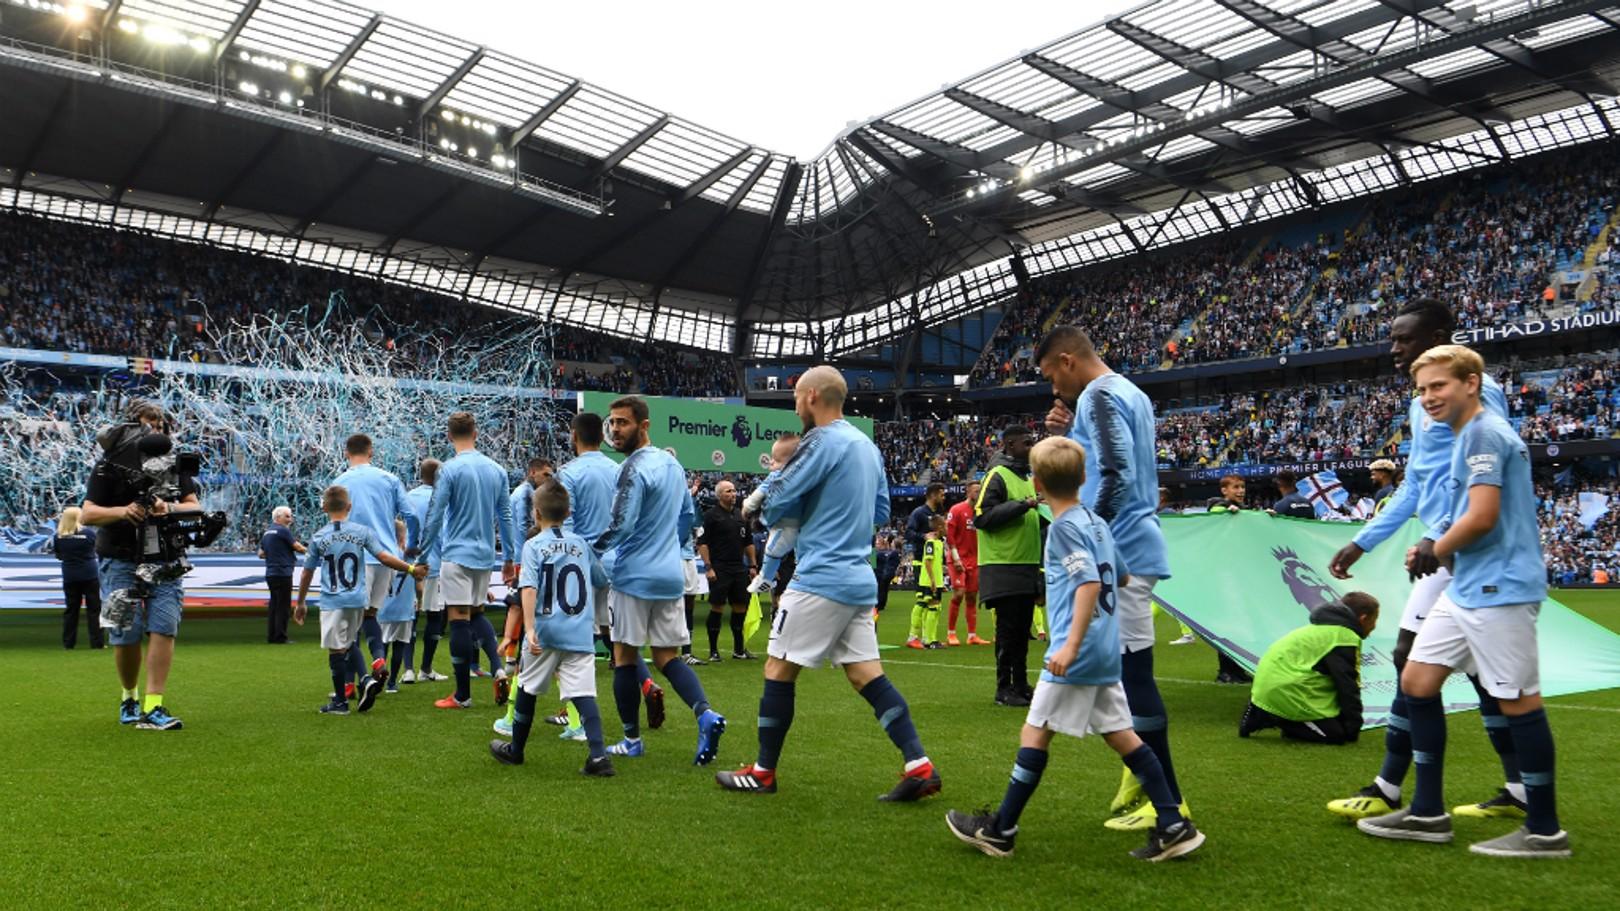 el Manchester City visitará al Wolverhampton Wanderers el sábado.